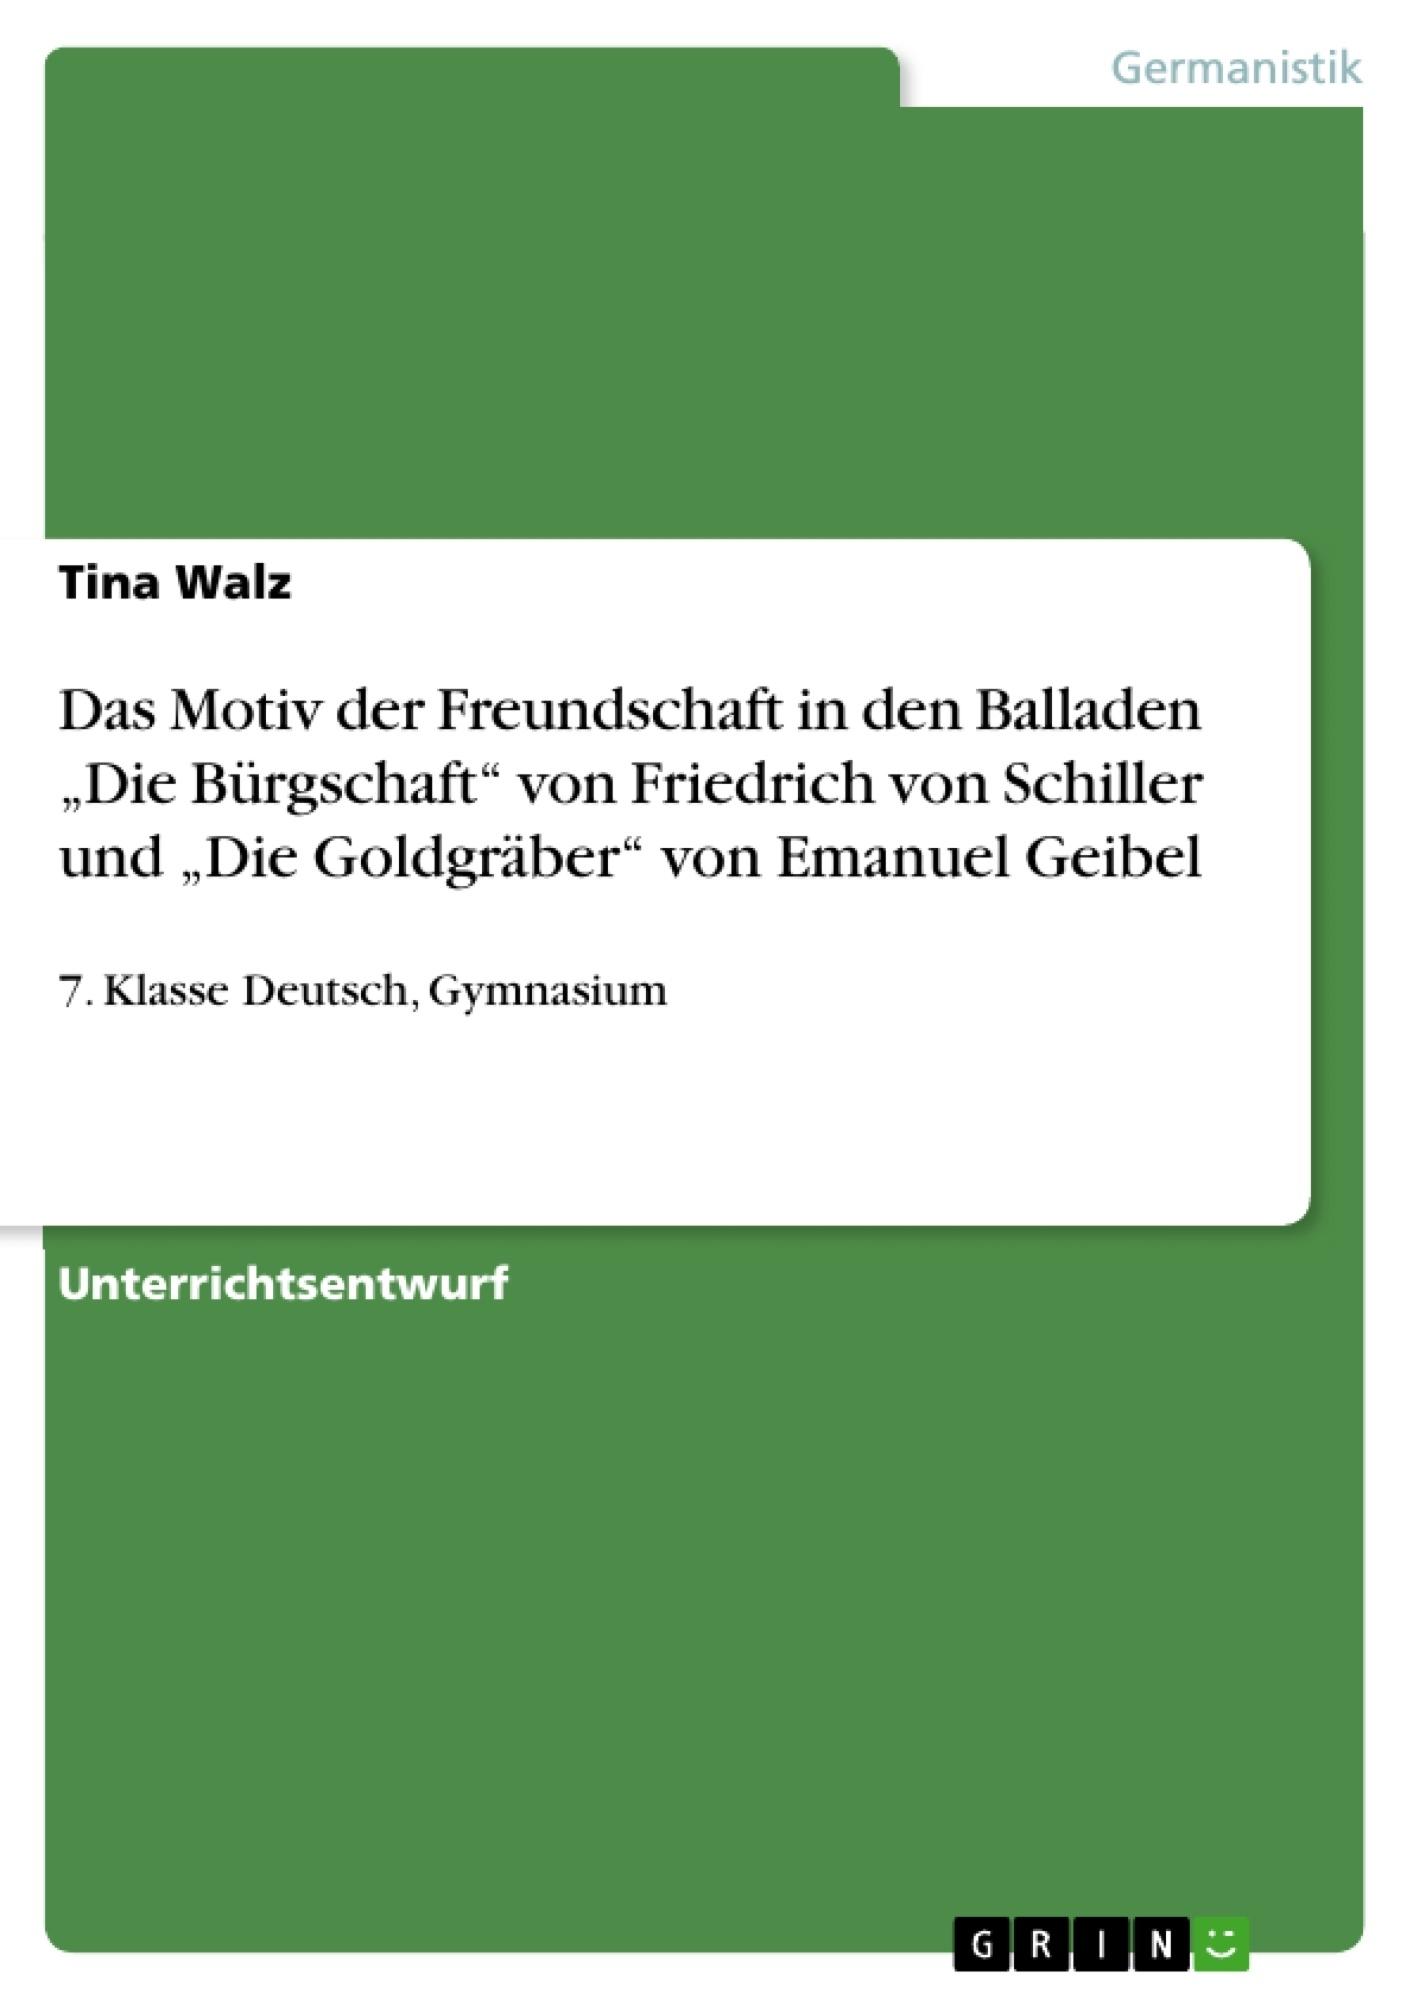 """Titel: Das Motiv der Freundschaft in den Balladen """"Die Bürgschaft"""" von Friedrich von Schiller und """"Die Goldgräber"""" von Emanuel Geibel"""